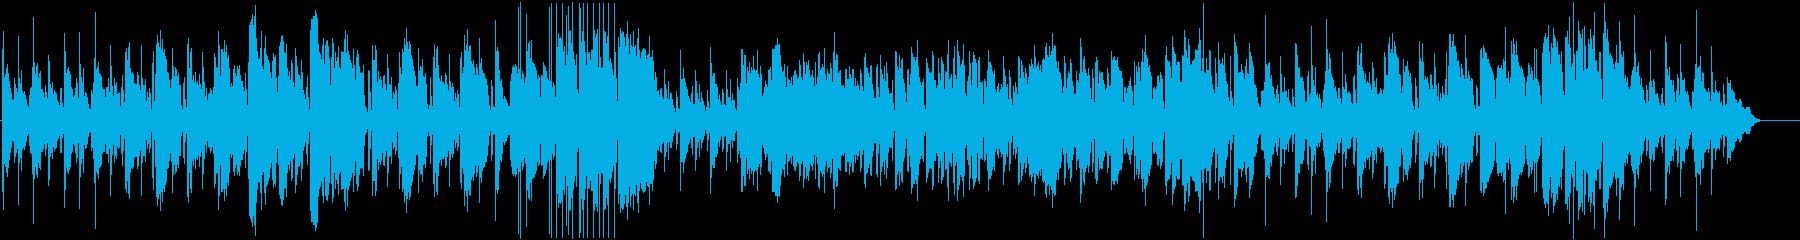 優しいソプラノサックスのバラードの再生済みの波形